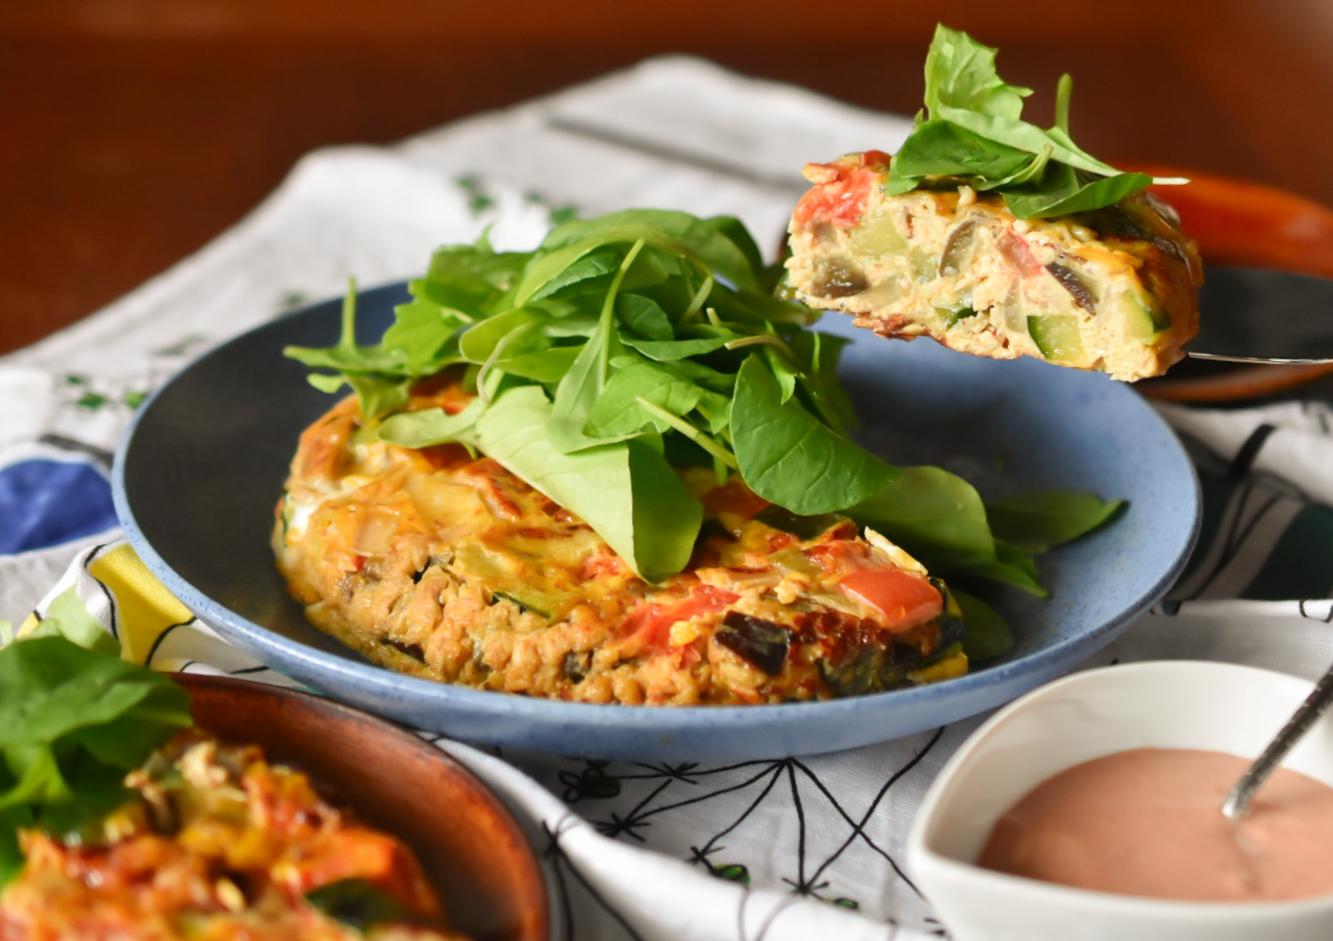 じゃこ山椒と夏野菜のスパニッシュオムレツ